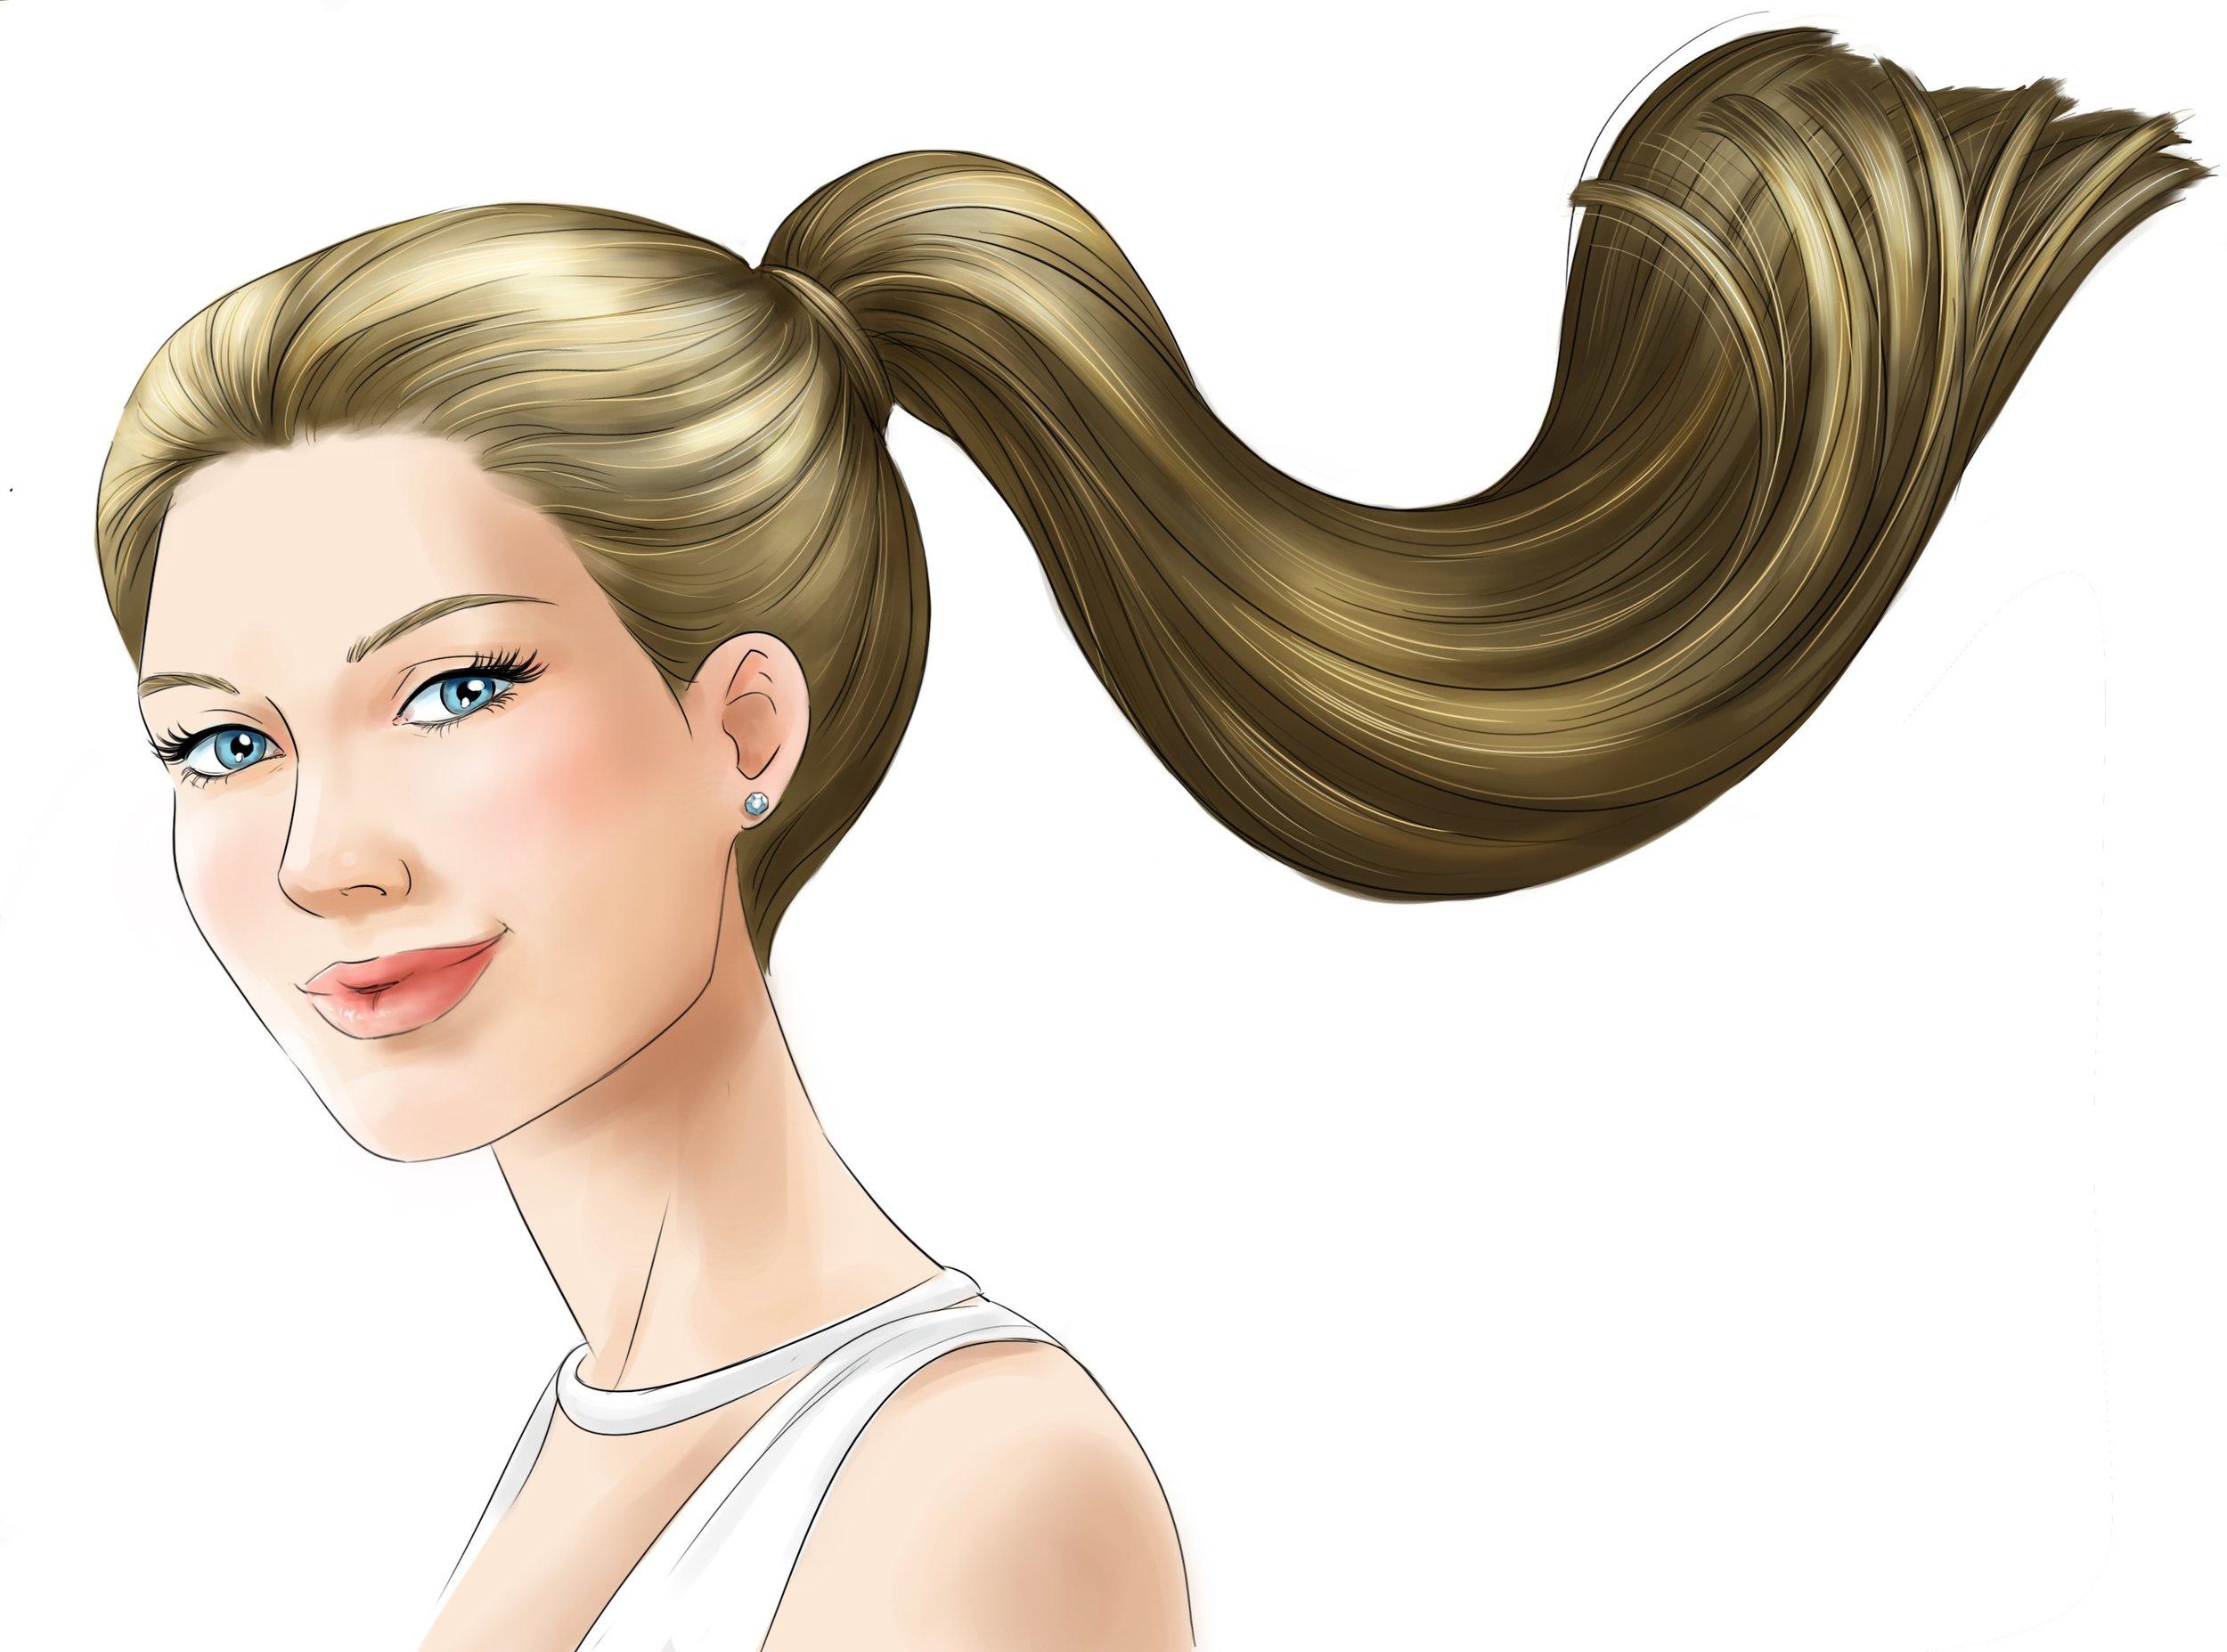 Love-your-hair-longer10.jpg